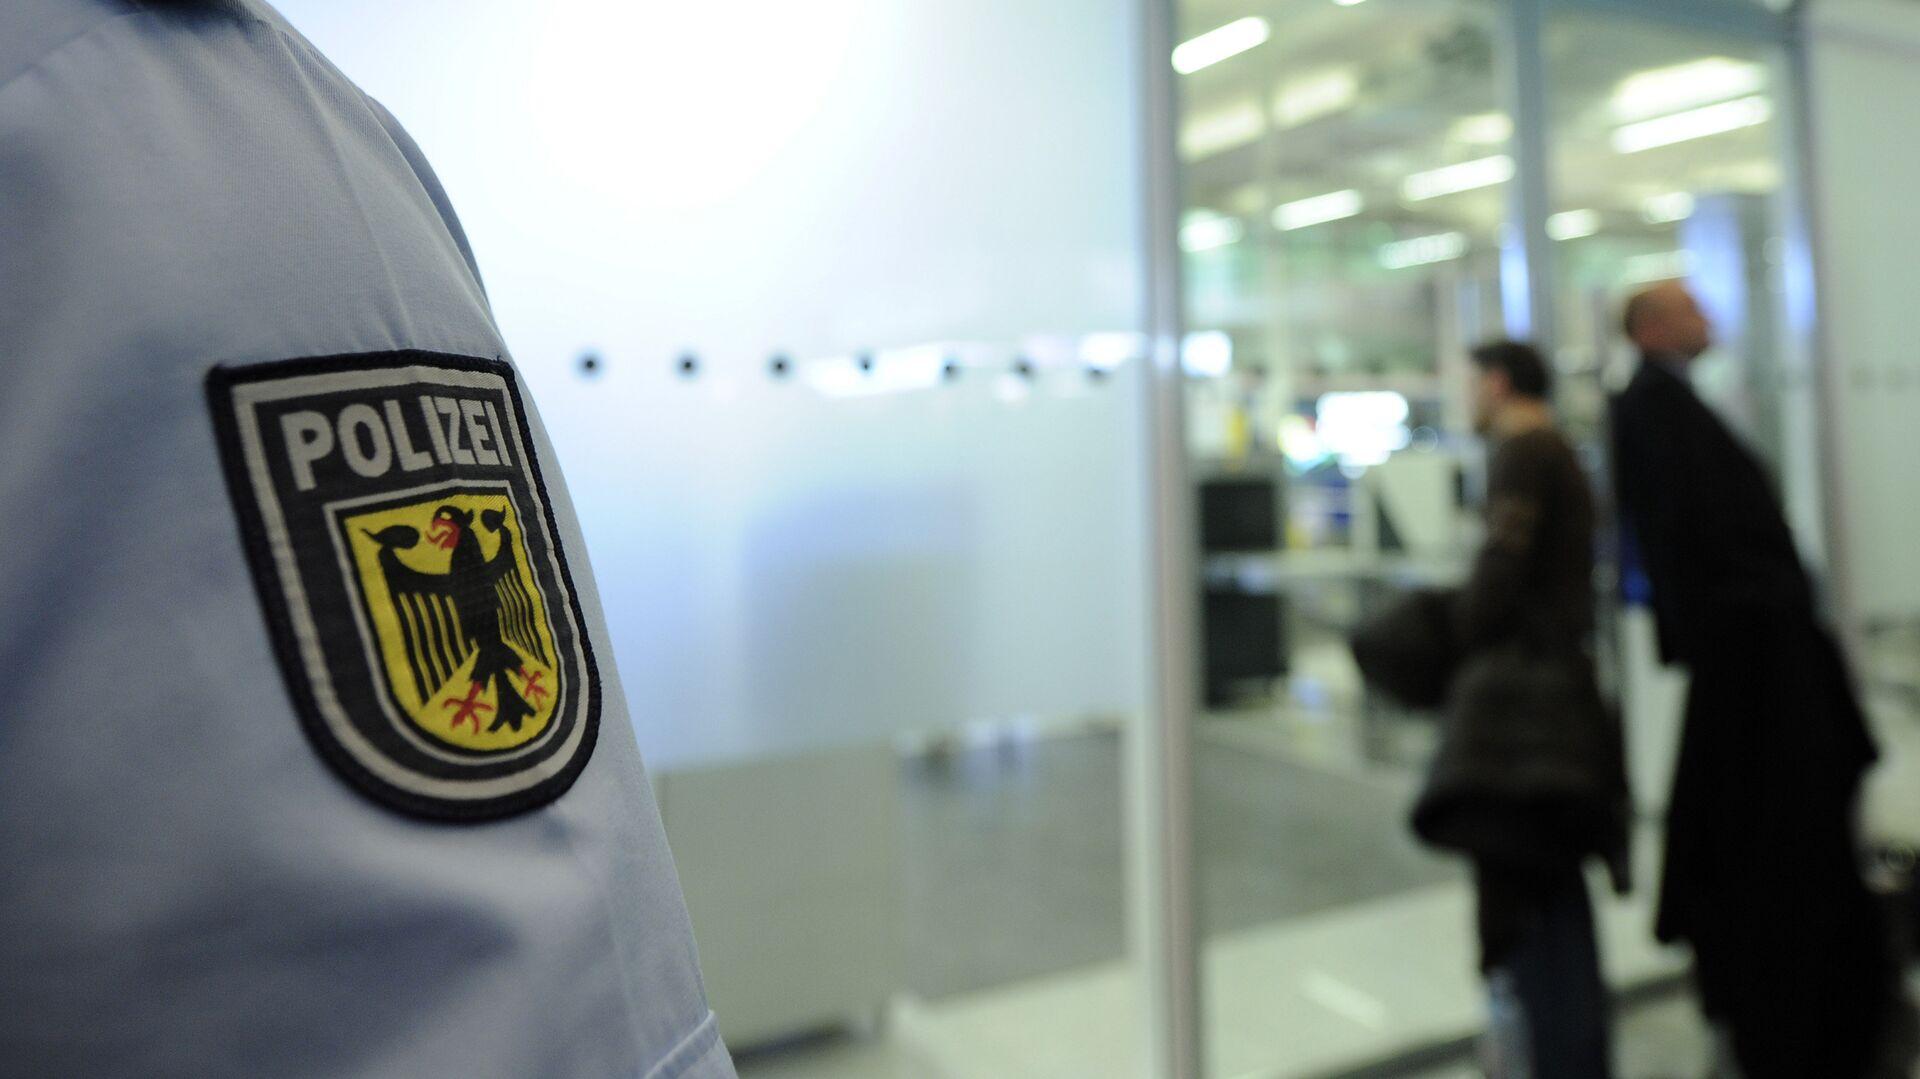 Сотрудник полиции в аэропорту Мюнхена, Германия - РИА Новости, 1920, 10.10.2021